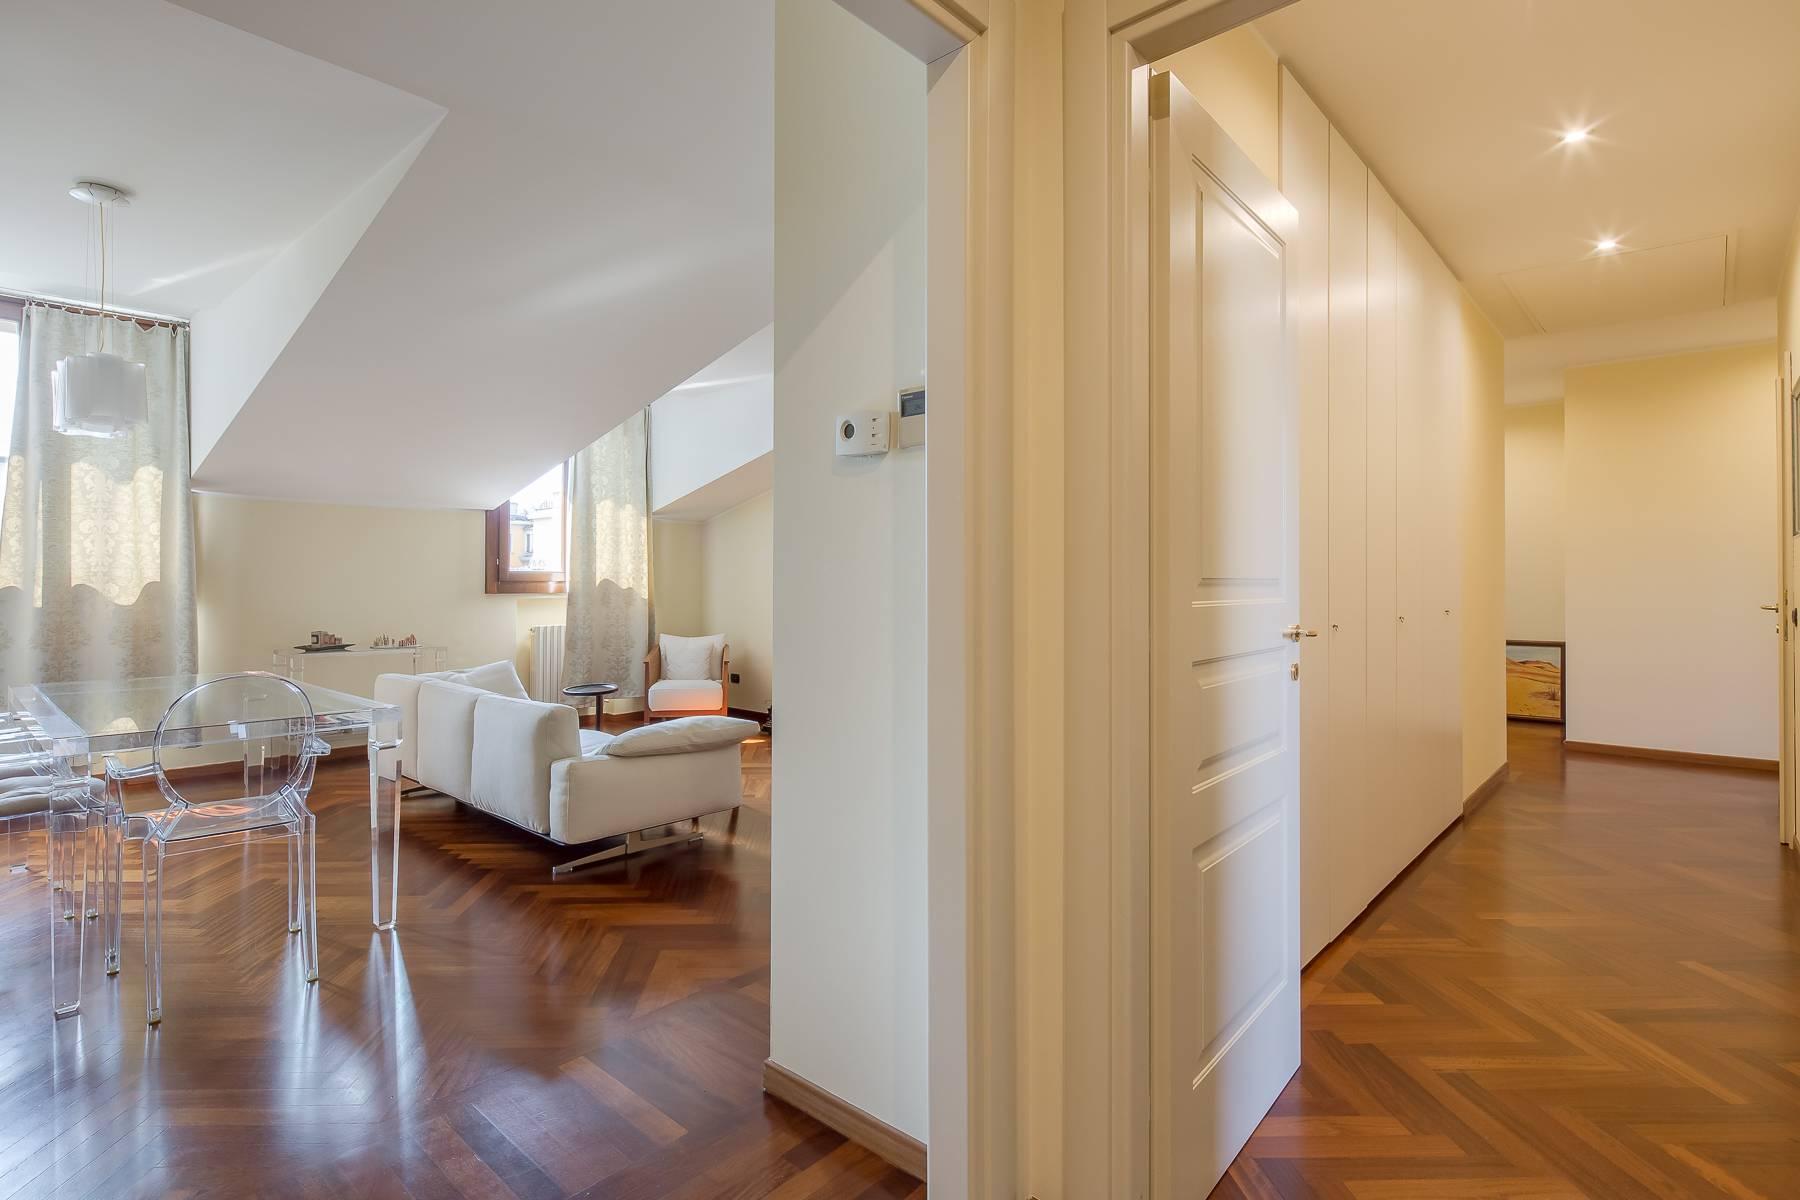 Grazioso appartamento mansardato con 4 camere in Magenta - 4